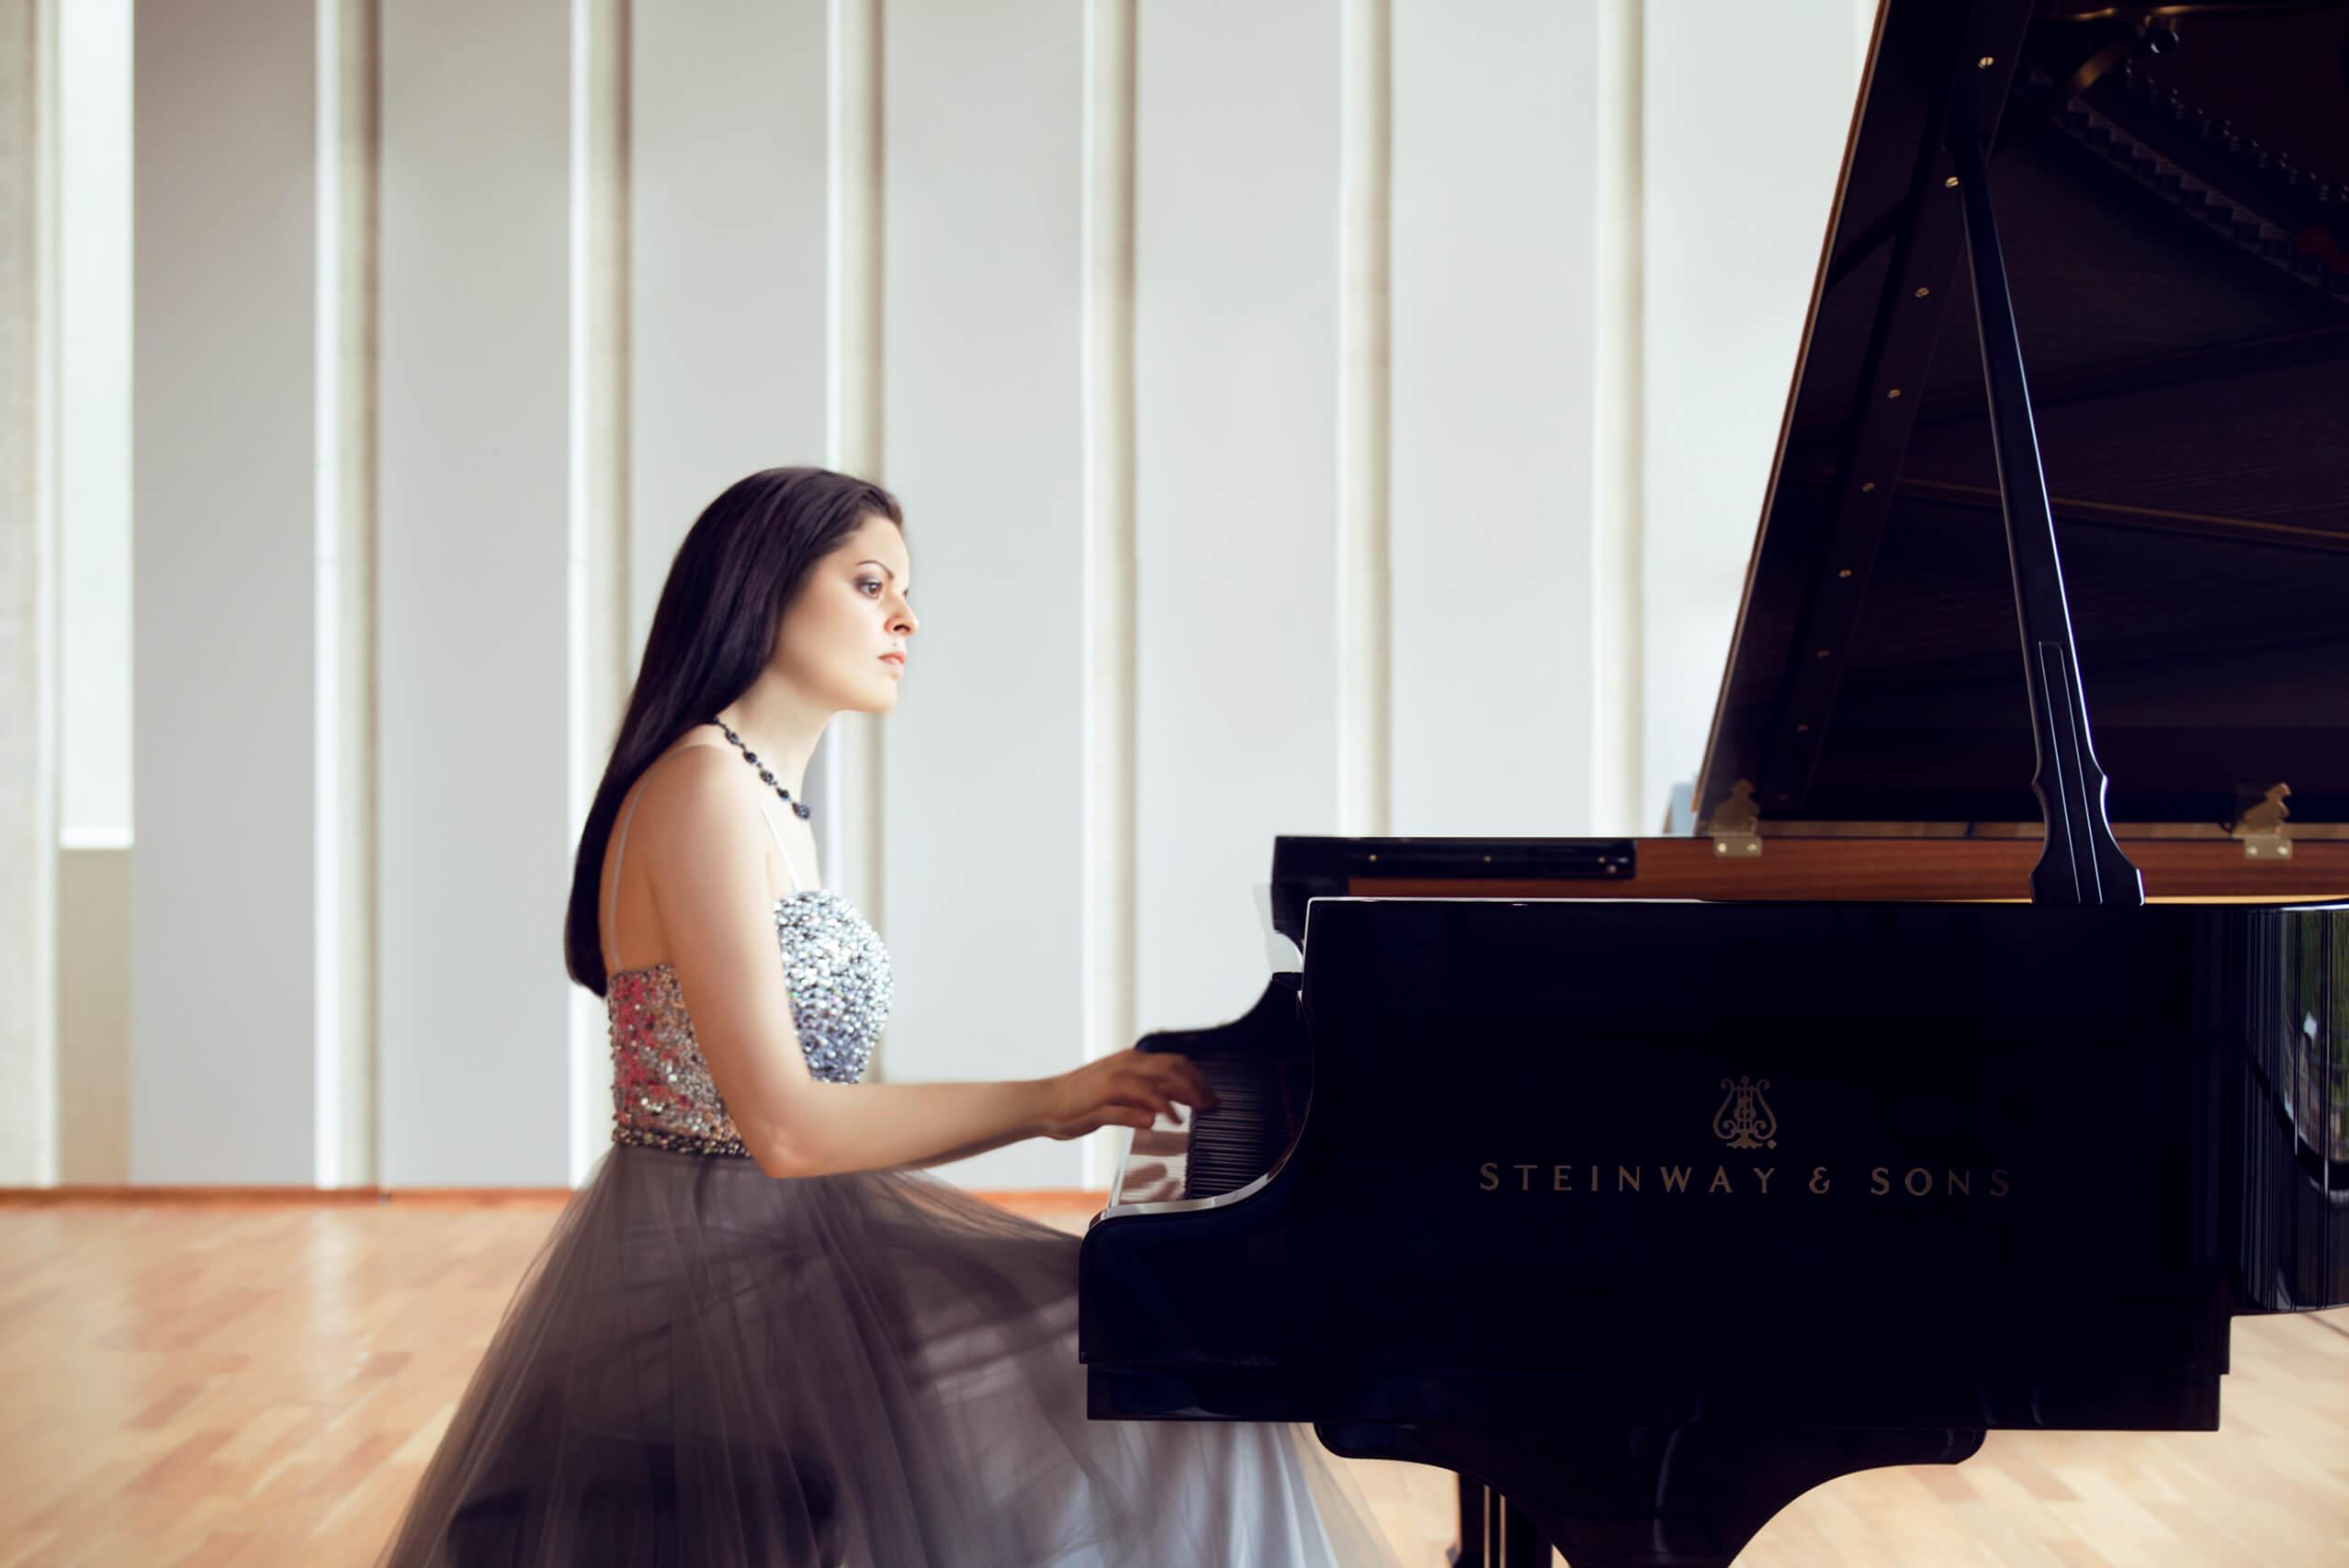 Concerten Zlata Chochieva